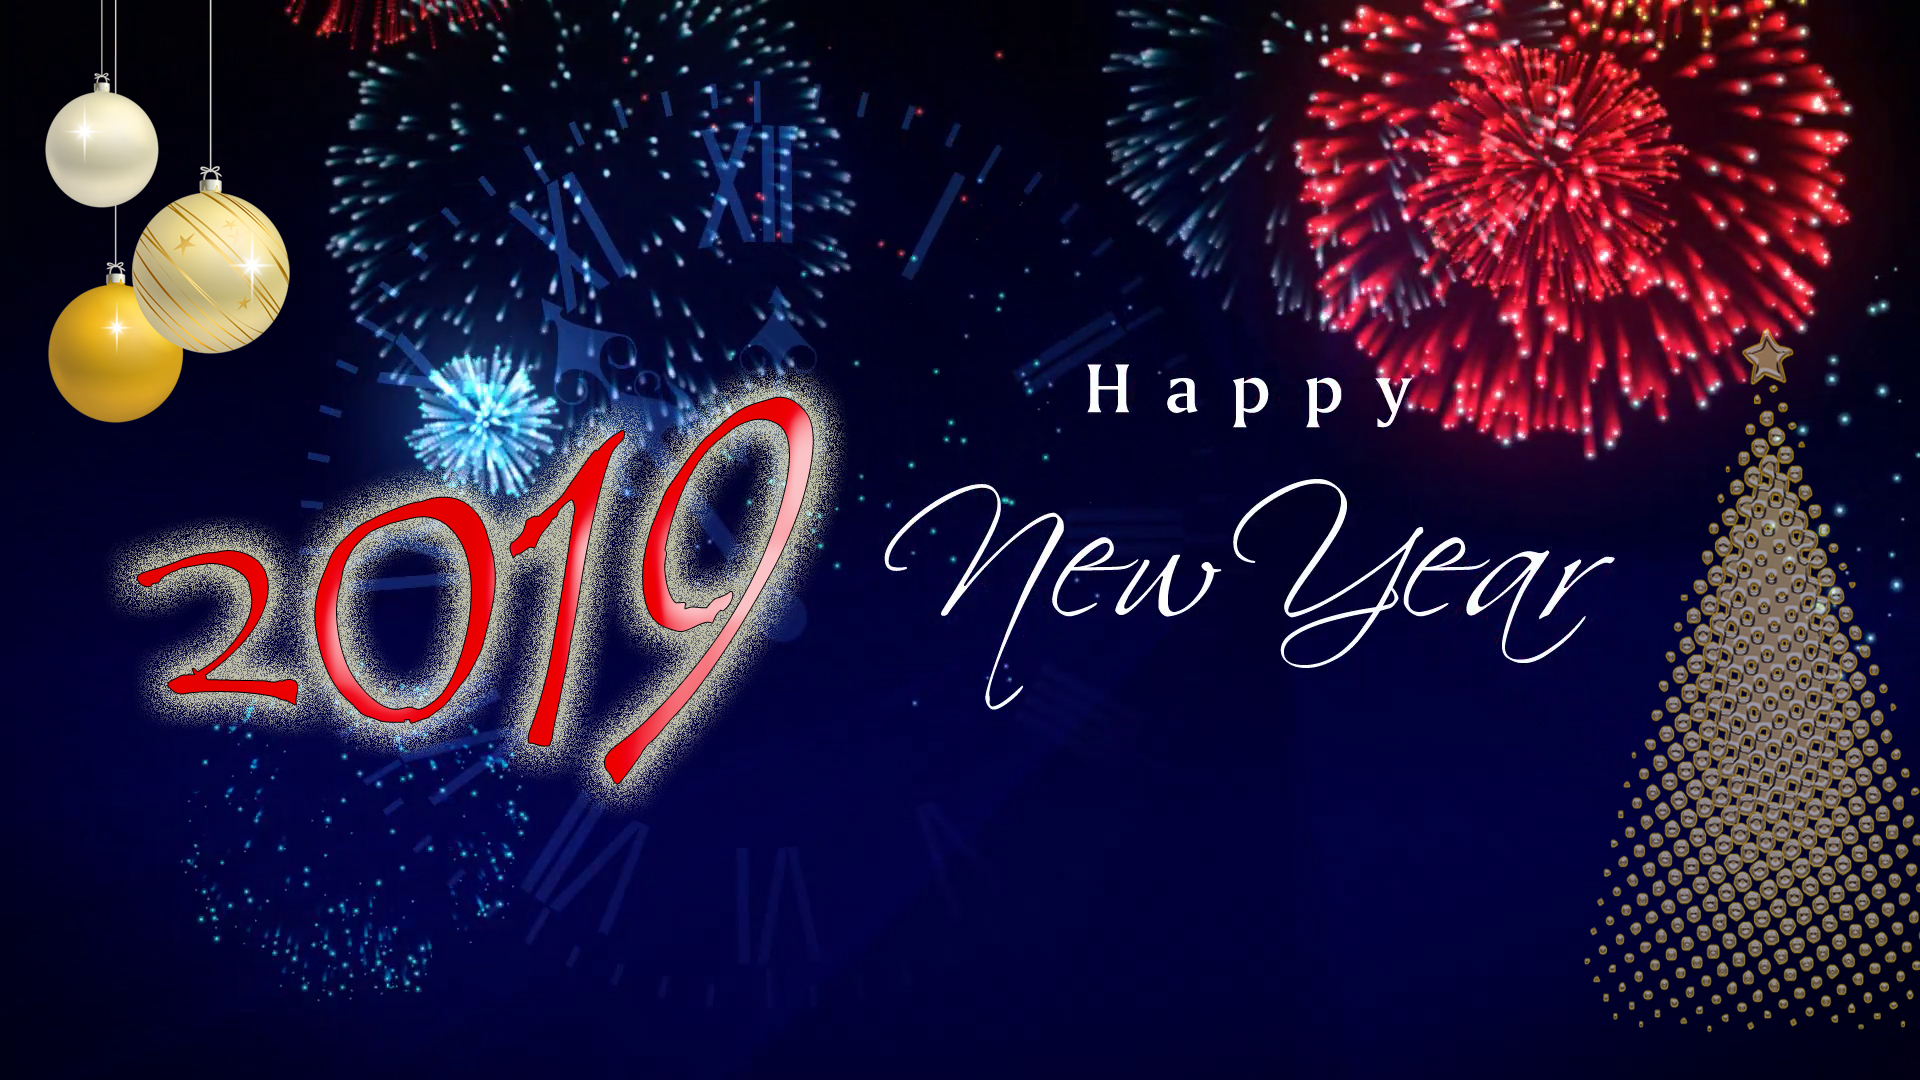 أجمل رسائل رأس السنة الميلادية 2019 2